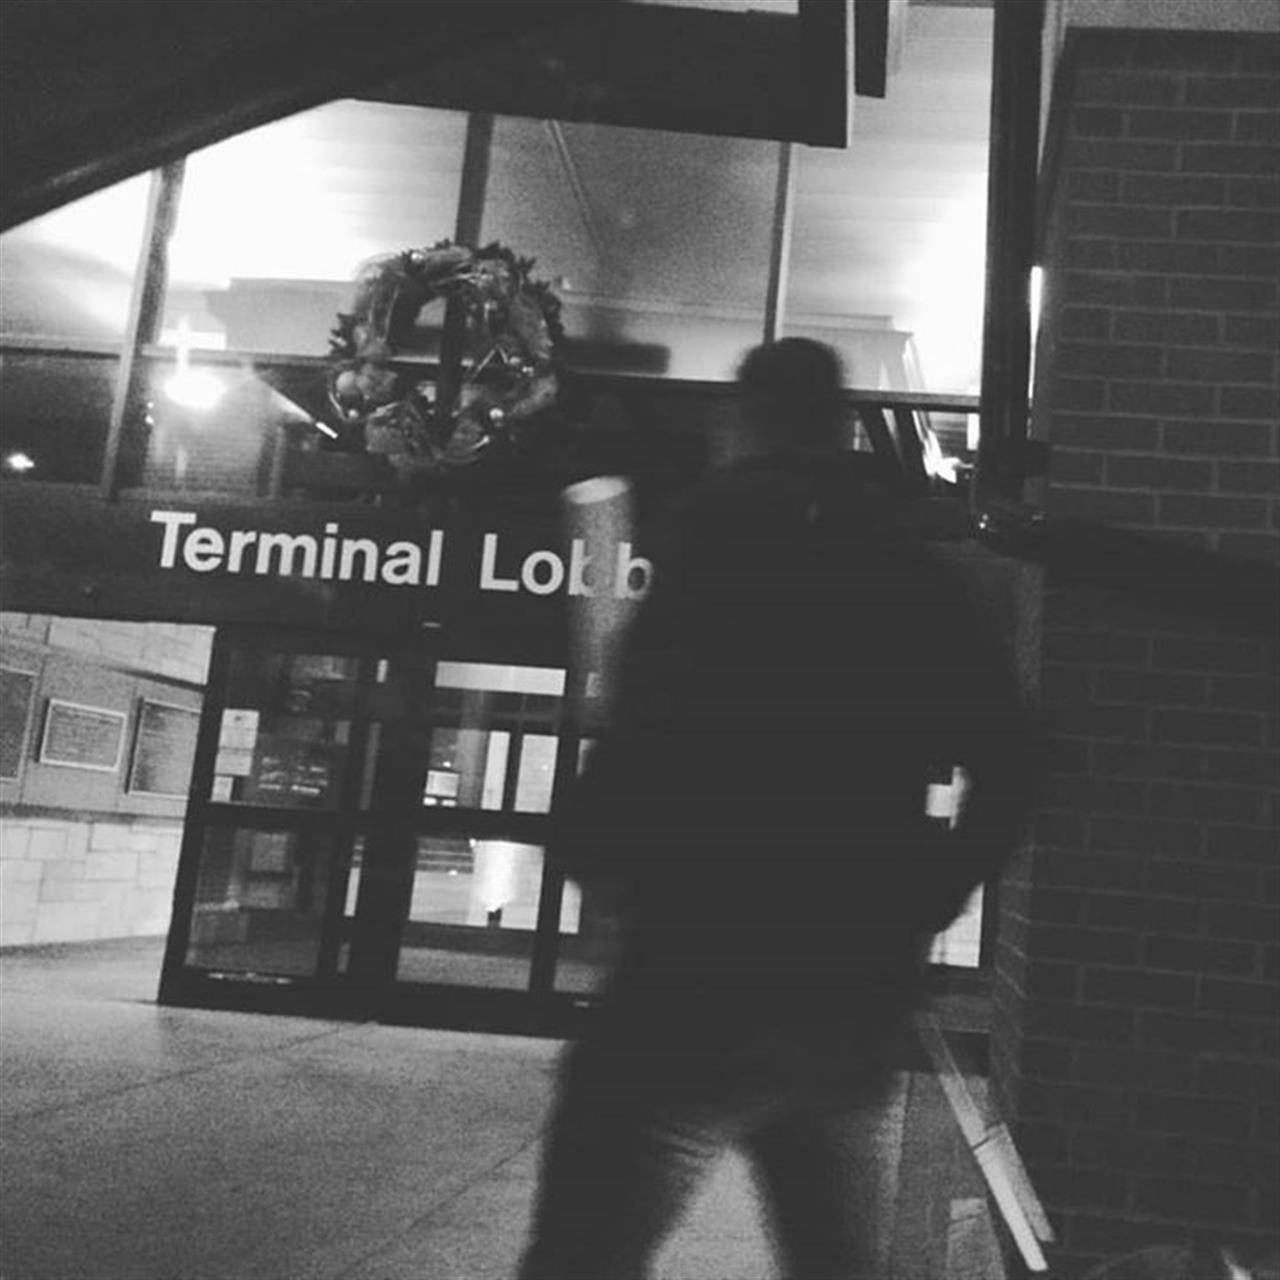 Lexington KY Airport terminal